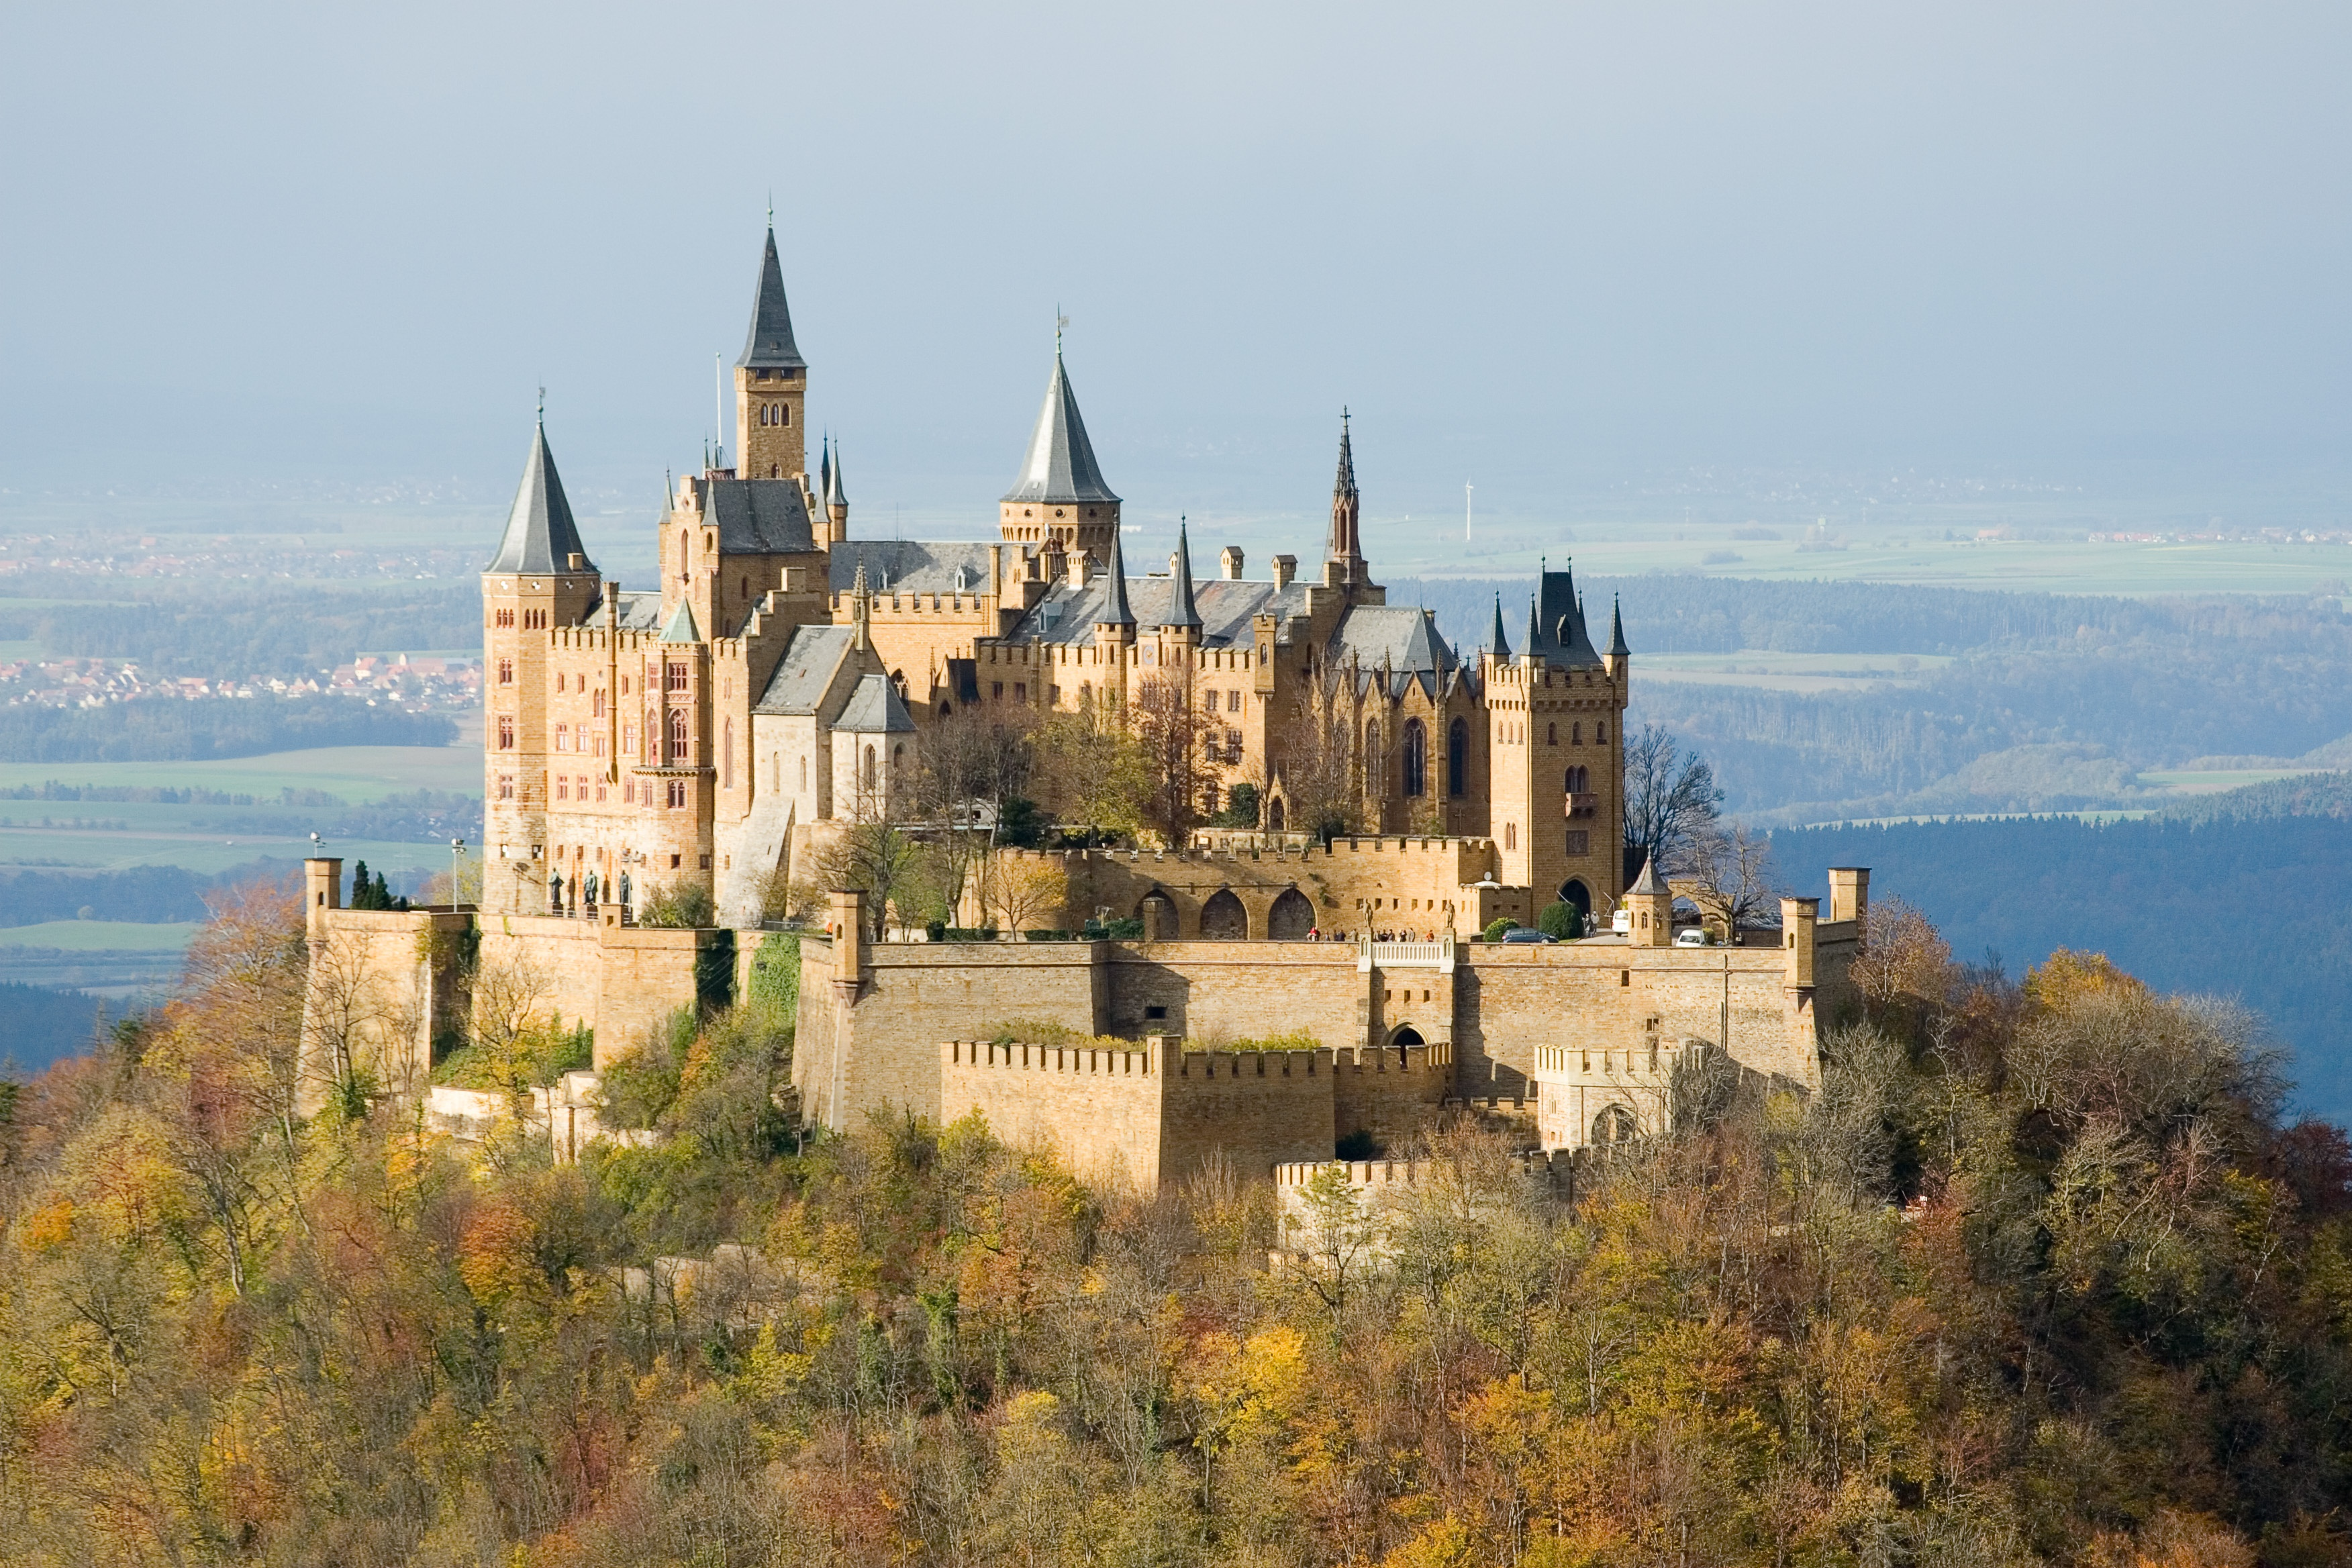 Images of Castle | 3504x2336